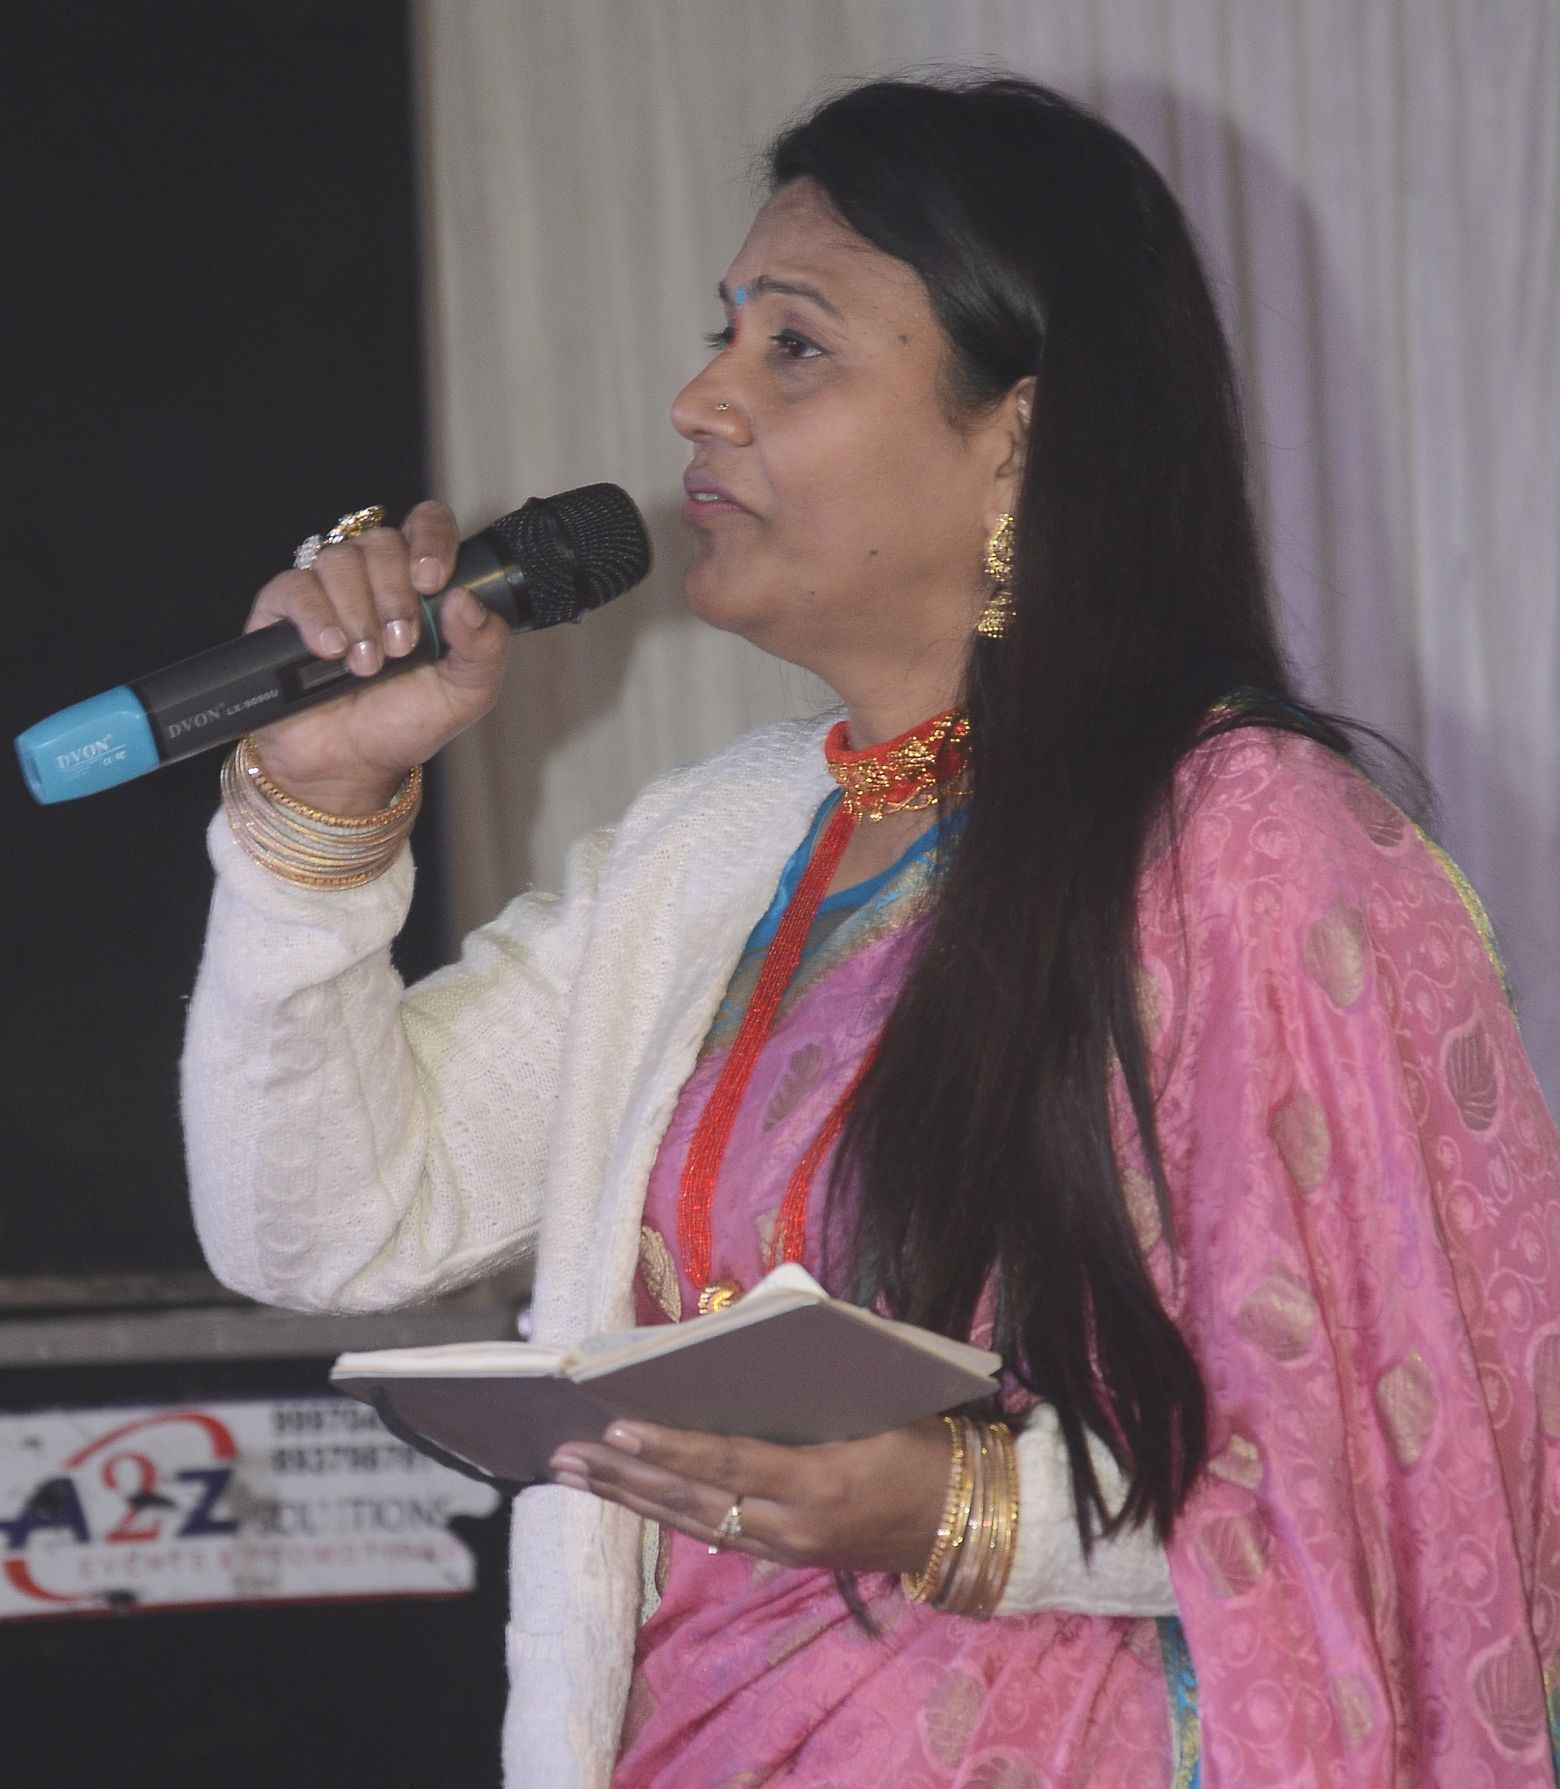 श्रीनगर में बैकुंठ चतुर्दशी मेले की भजन संध्या मे प्रस्तुति देती  लोक गायकी अनुराधा निराला